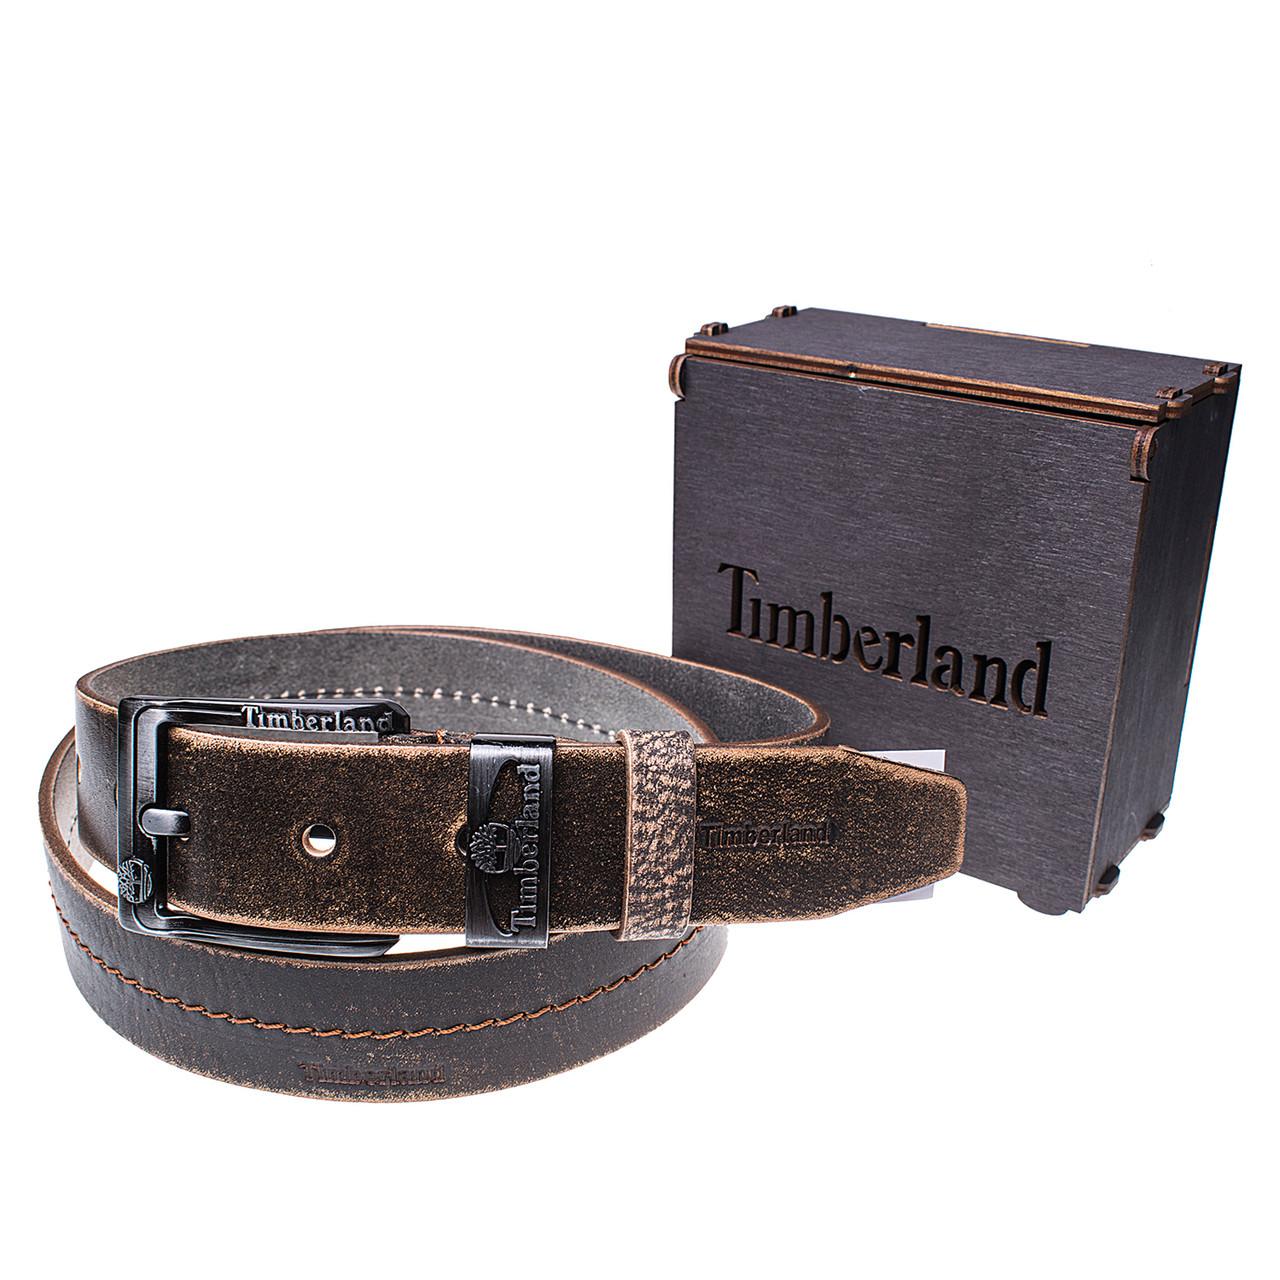 Мужской кожаный ремень Wiseo Timberland Коричневый Реплика (UF55625)